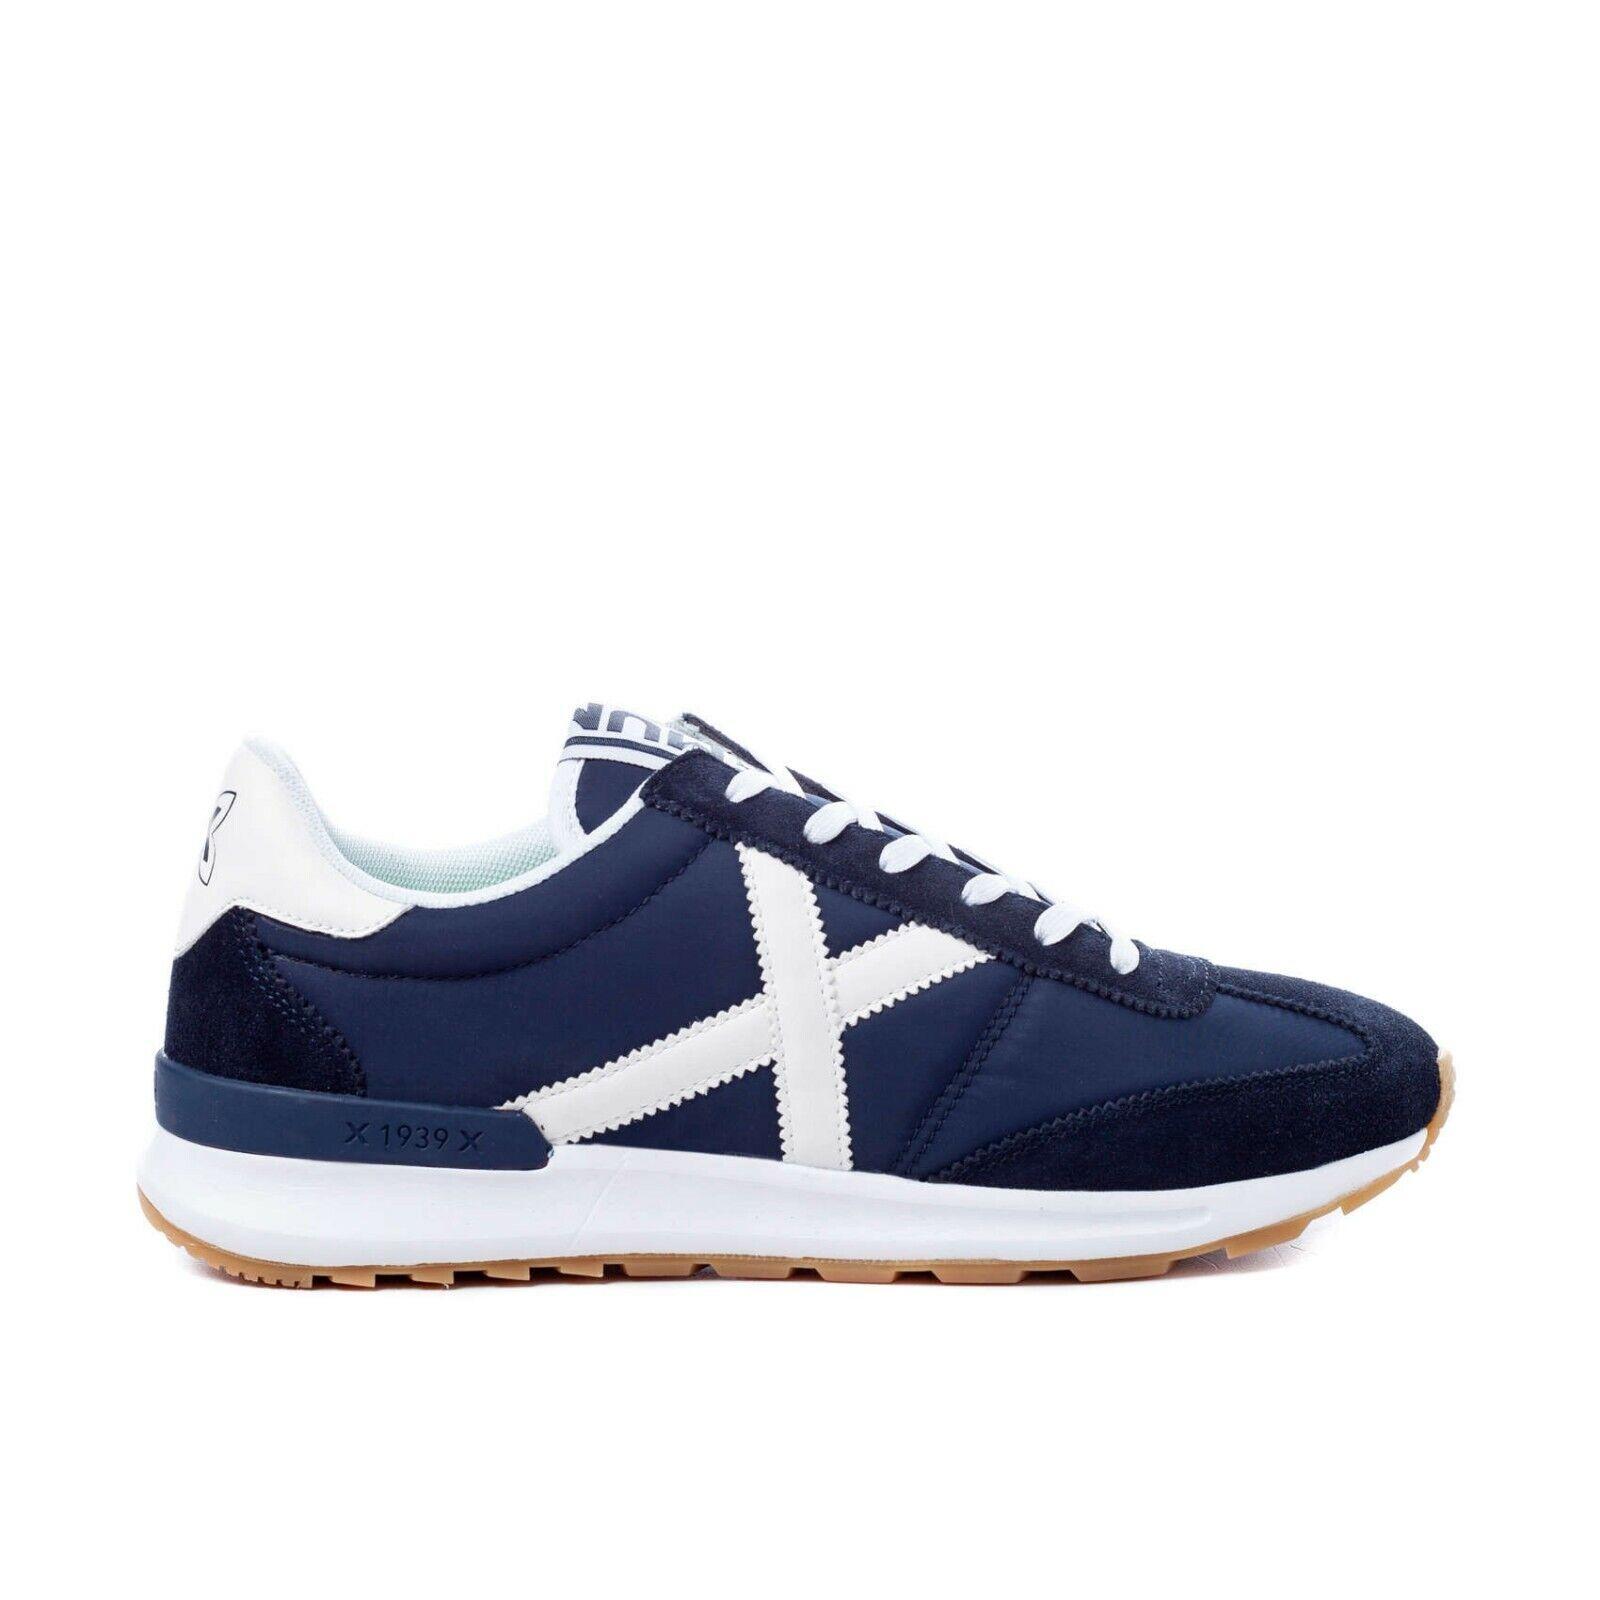 Munich - Men's shoes Sport Dynamo Dynamo Dynamo bluee 870003 Ss19 de7004